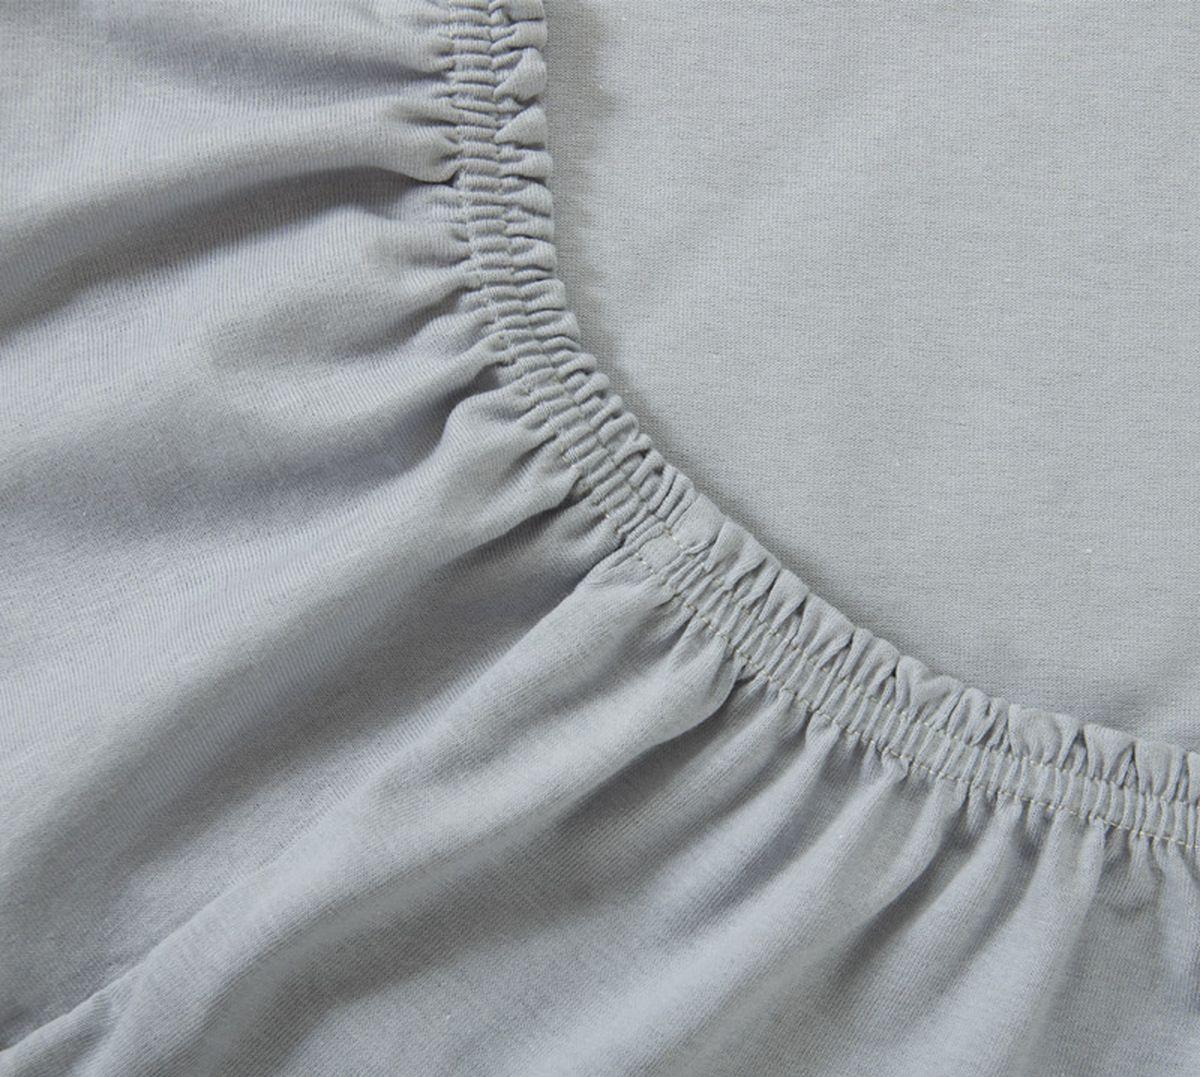 Простыня Текс-Дизайн, на резинке, цвет: серый, 180 х 200 х 20 смР014ТПростыня Текс-Дизайн изготовлена из трикотажа высокого качества, состоящего на 100% из хлопка. По всему периметру простыня снабжена резинкой, что обеспечивает комфортный отдых, и избавляет от неприятных ощущений скомкавшейся во время сна изделия. Простыня легко одевается на матрасы высотой до 20 см. Идеально подходит в качестве наматрасника.Трикотаж эластичен и растяжим, практически не мнется и не теряет форму после стирки. И кроме того он очень красиво выглядит и приятен на ощупь.